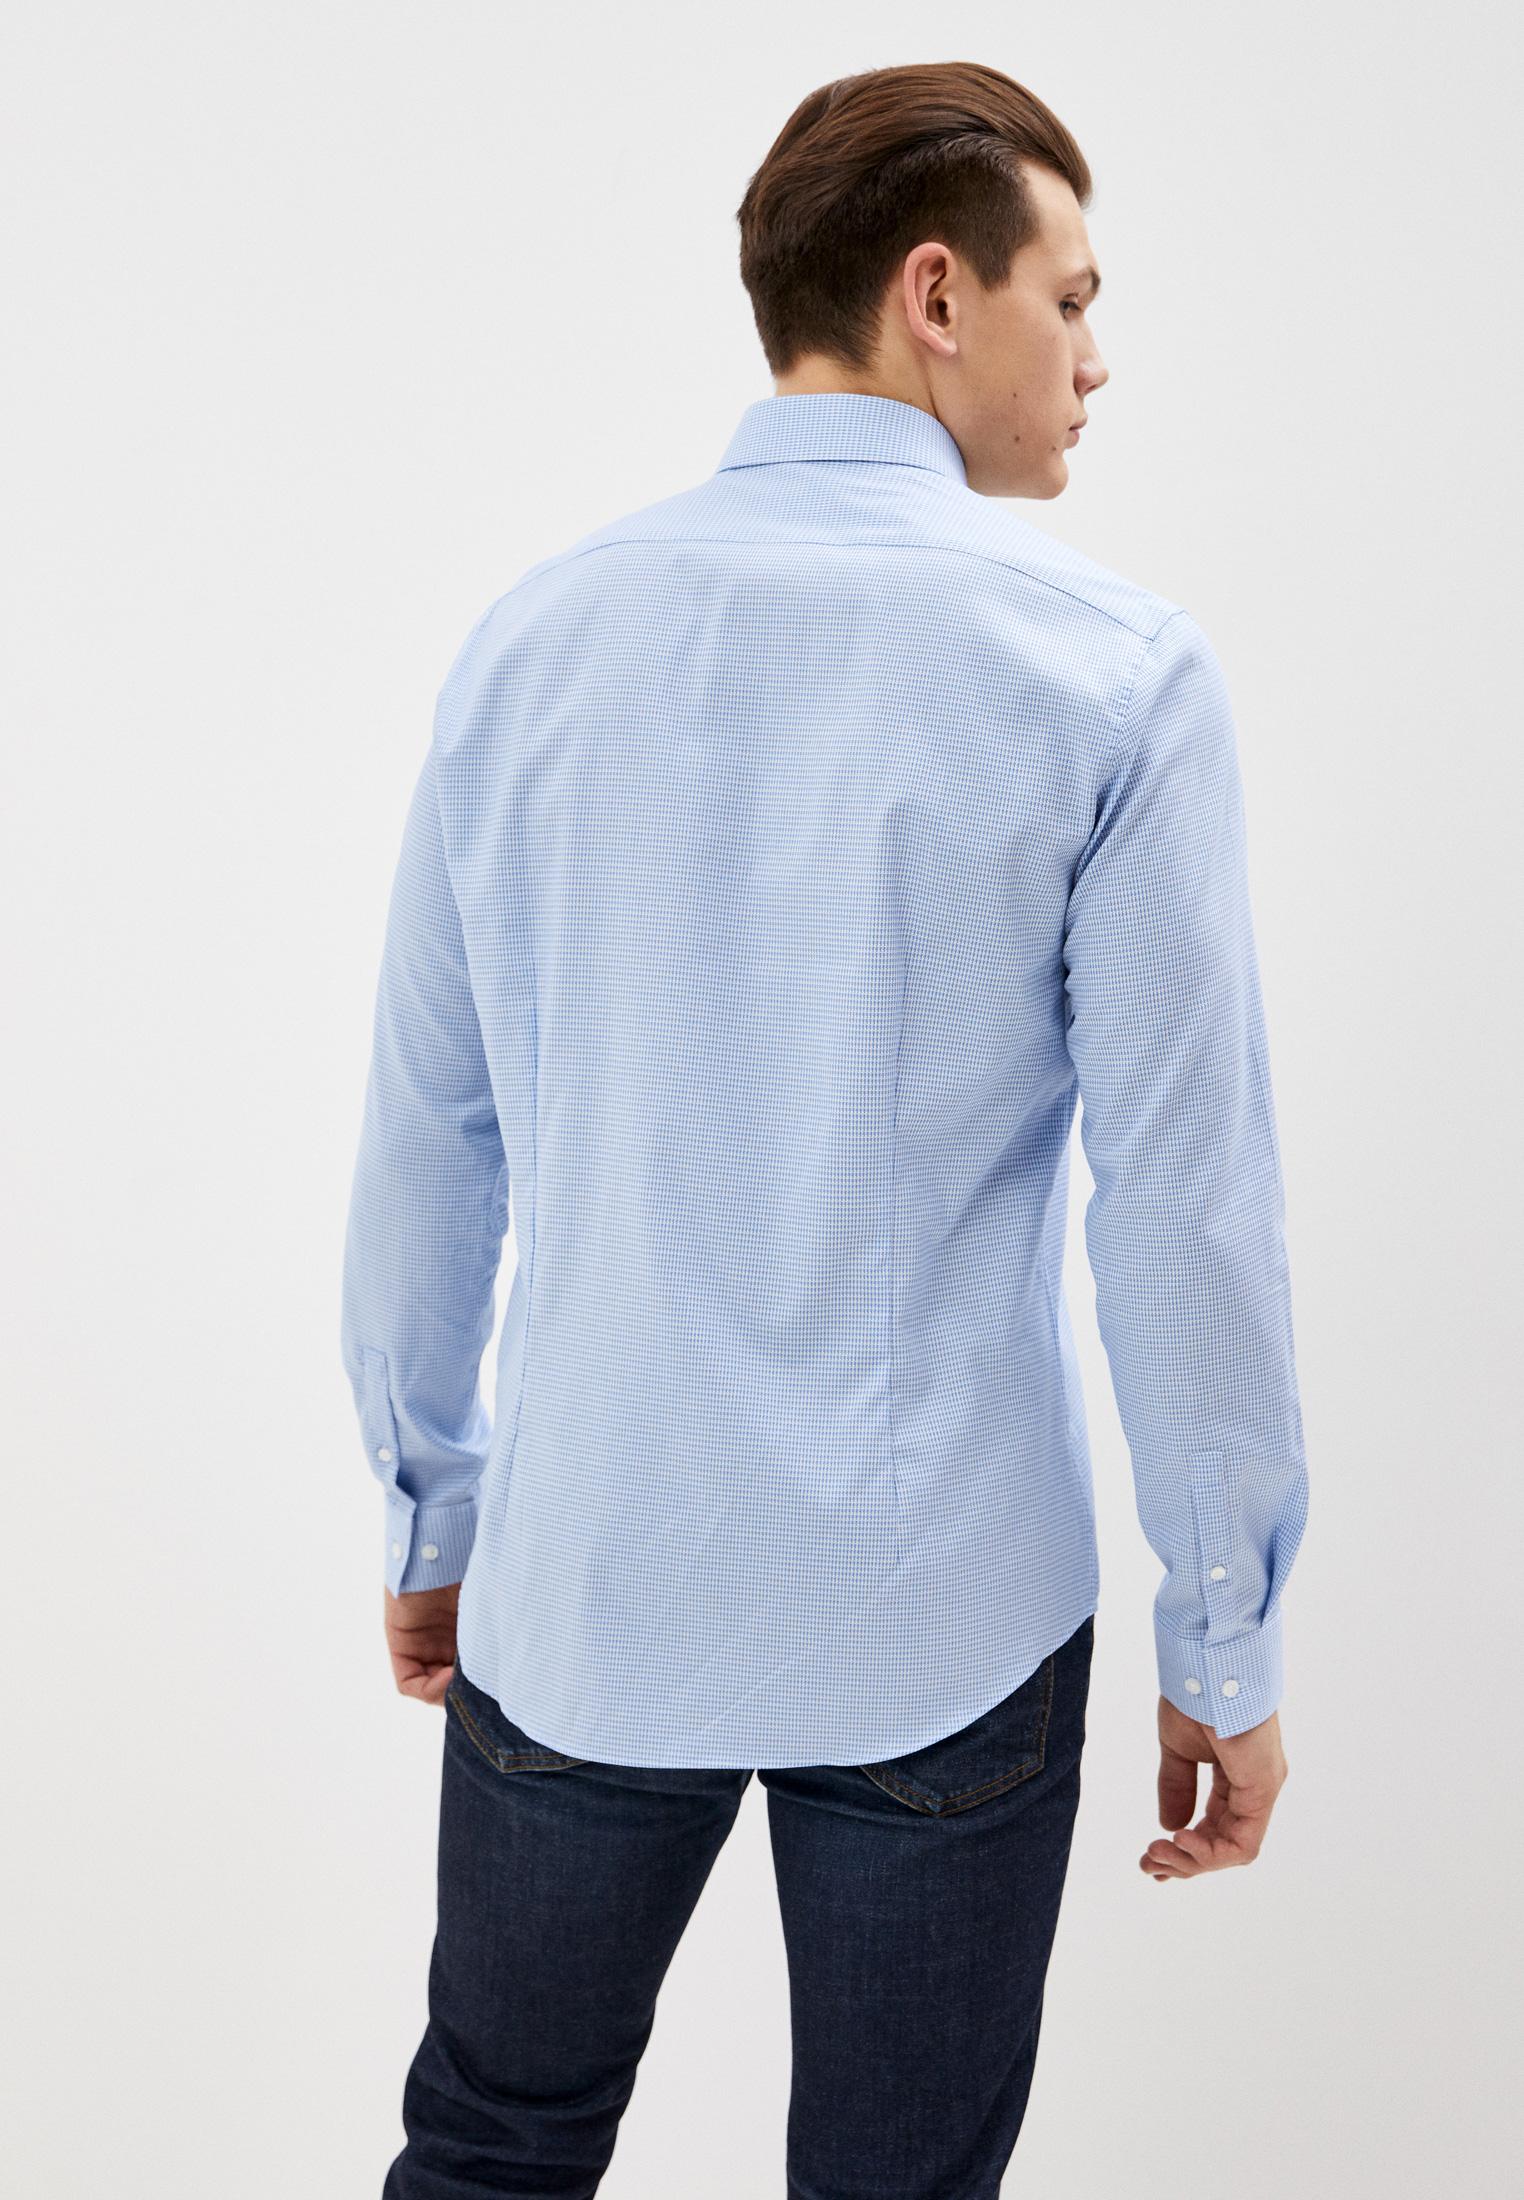 Рубашка с длинным рукавом Calvin Klein (Кельвин Кляйн) k10k106226: изображение 4